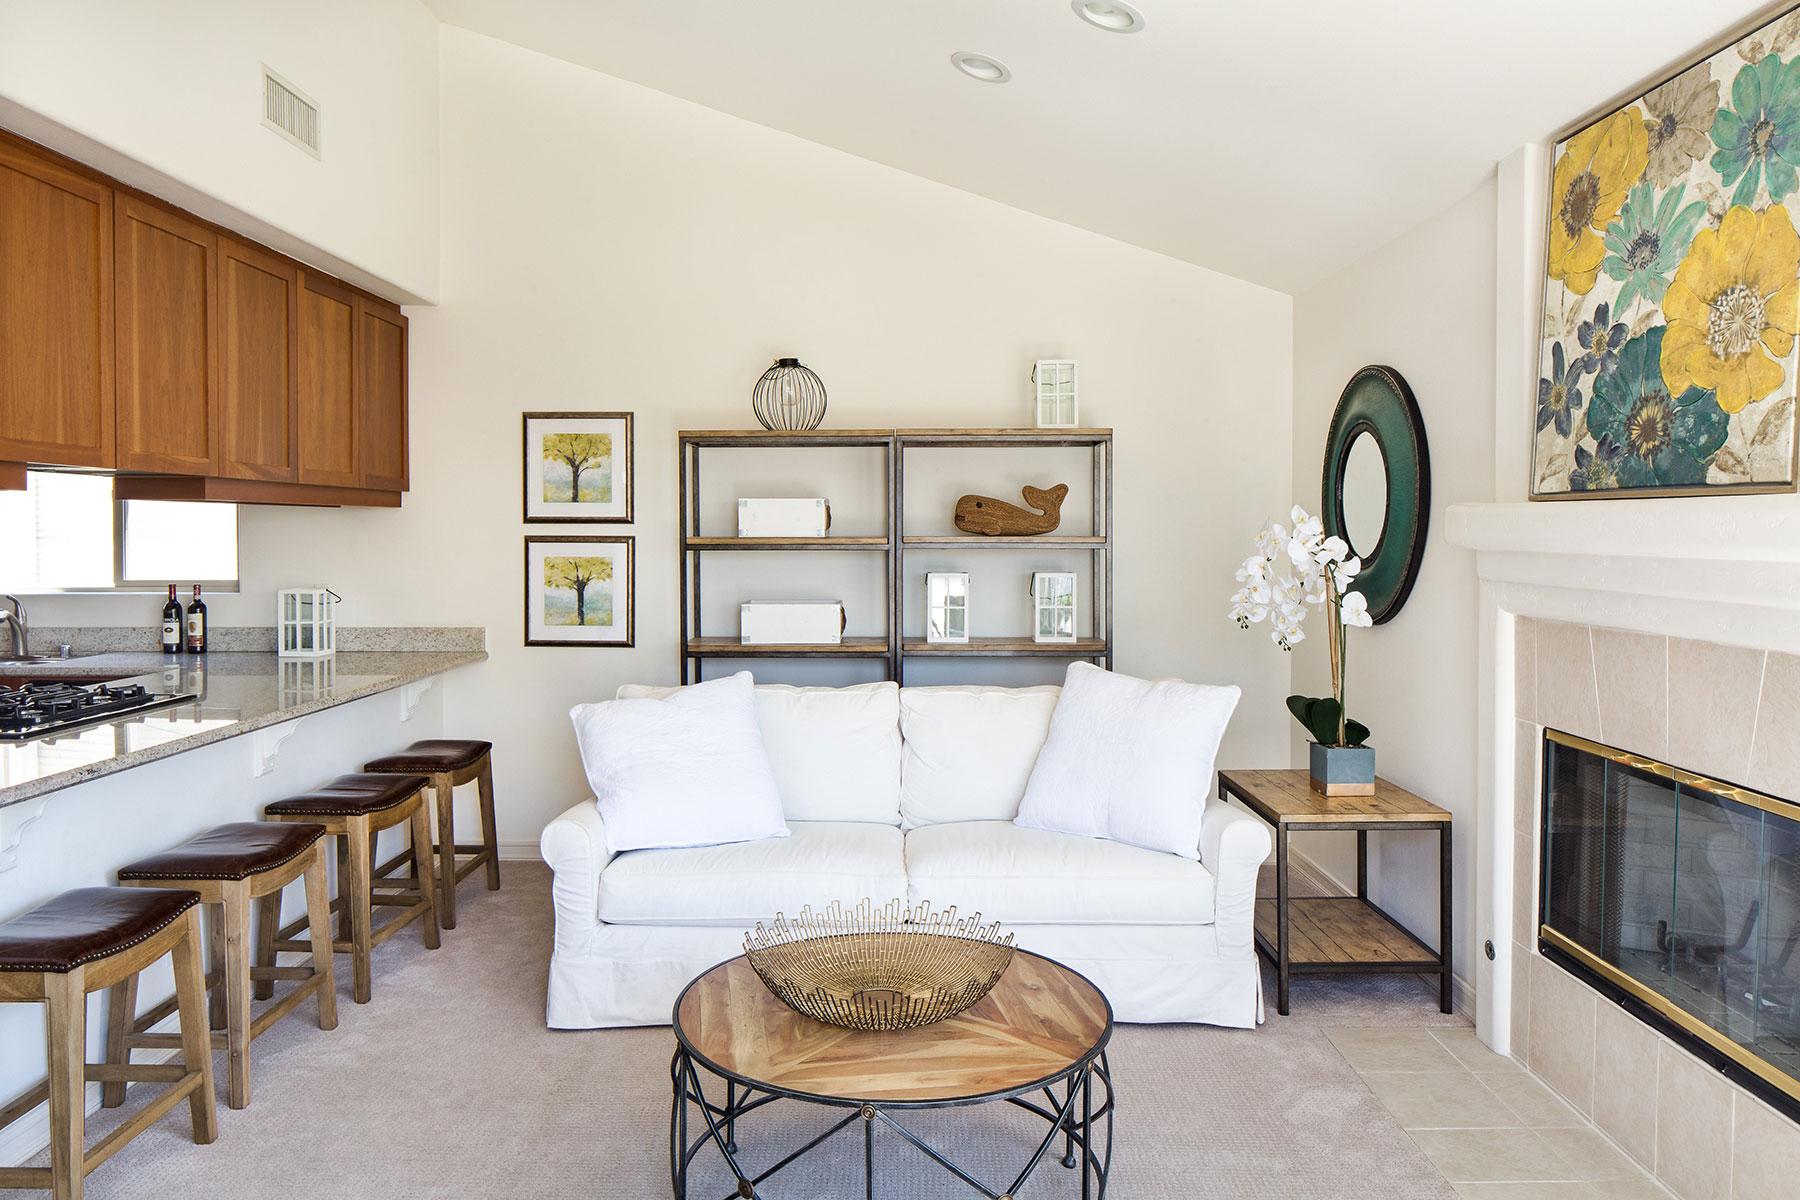 Condomínio para Venda às 706.5 Larkspur Ave 706.5 Larkspur Ave #2 Corona Del Mar, Califórnia, 92625 Estados Unidos